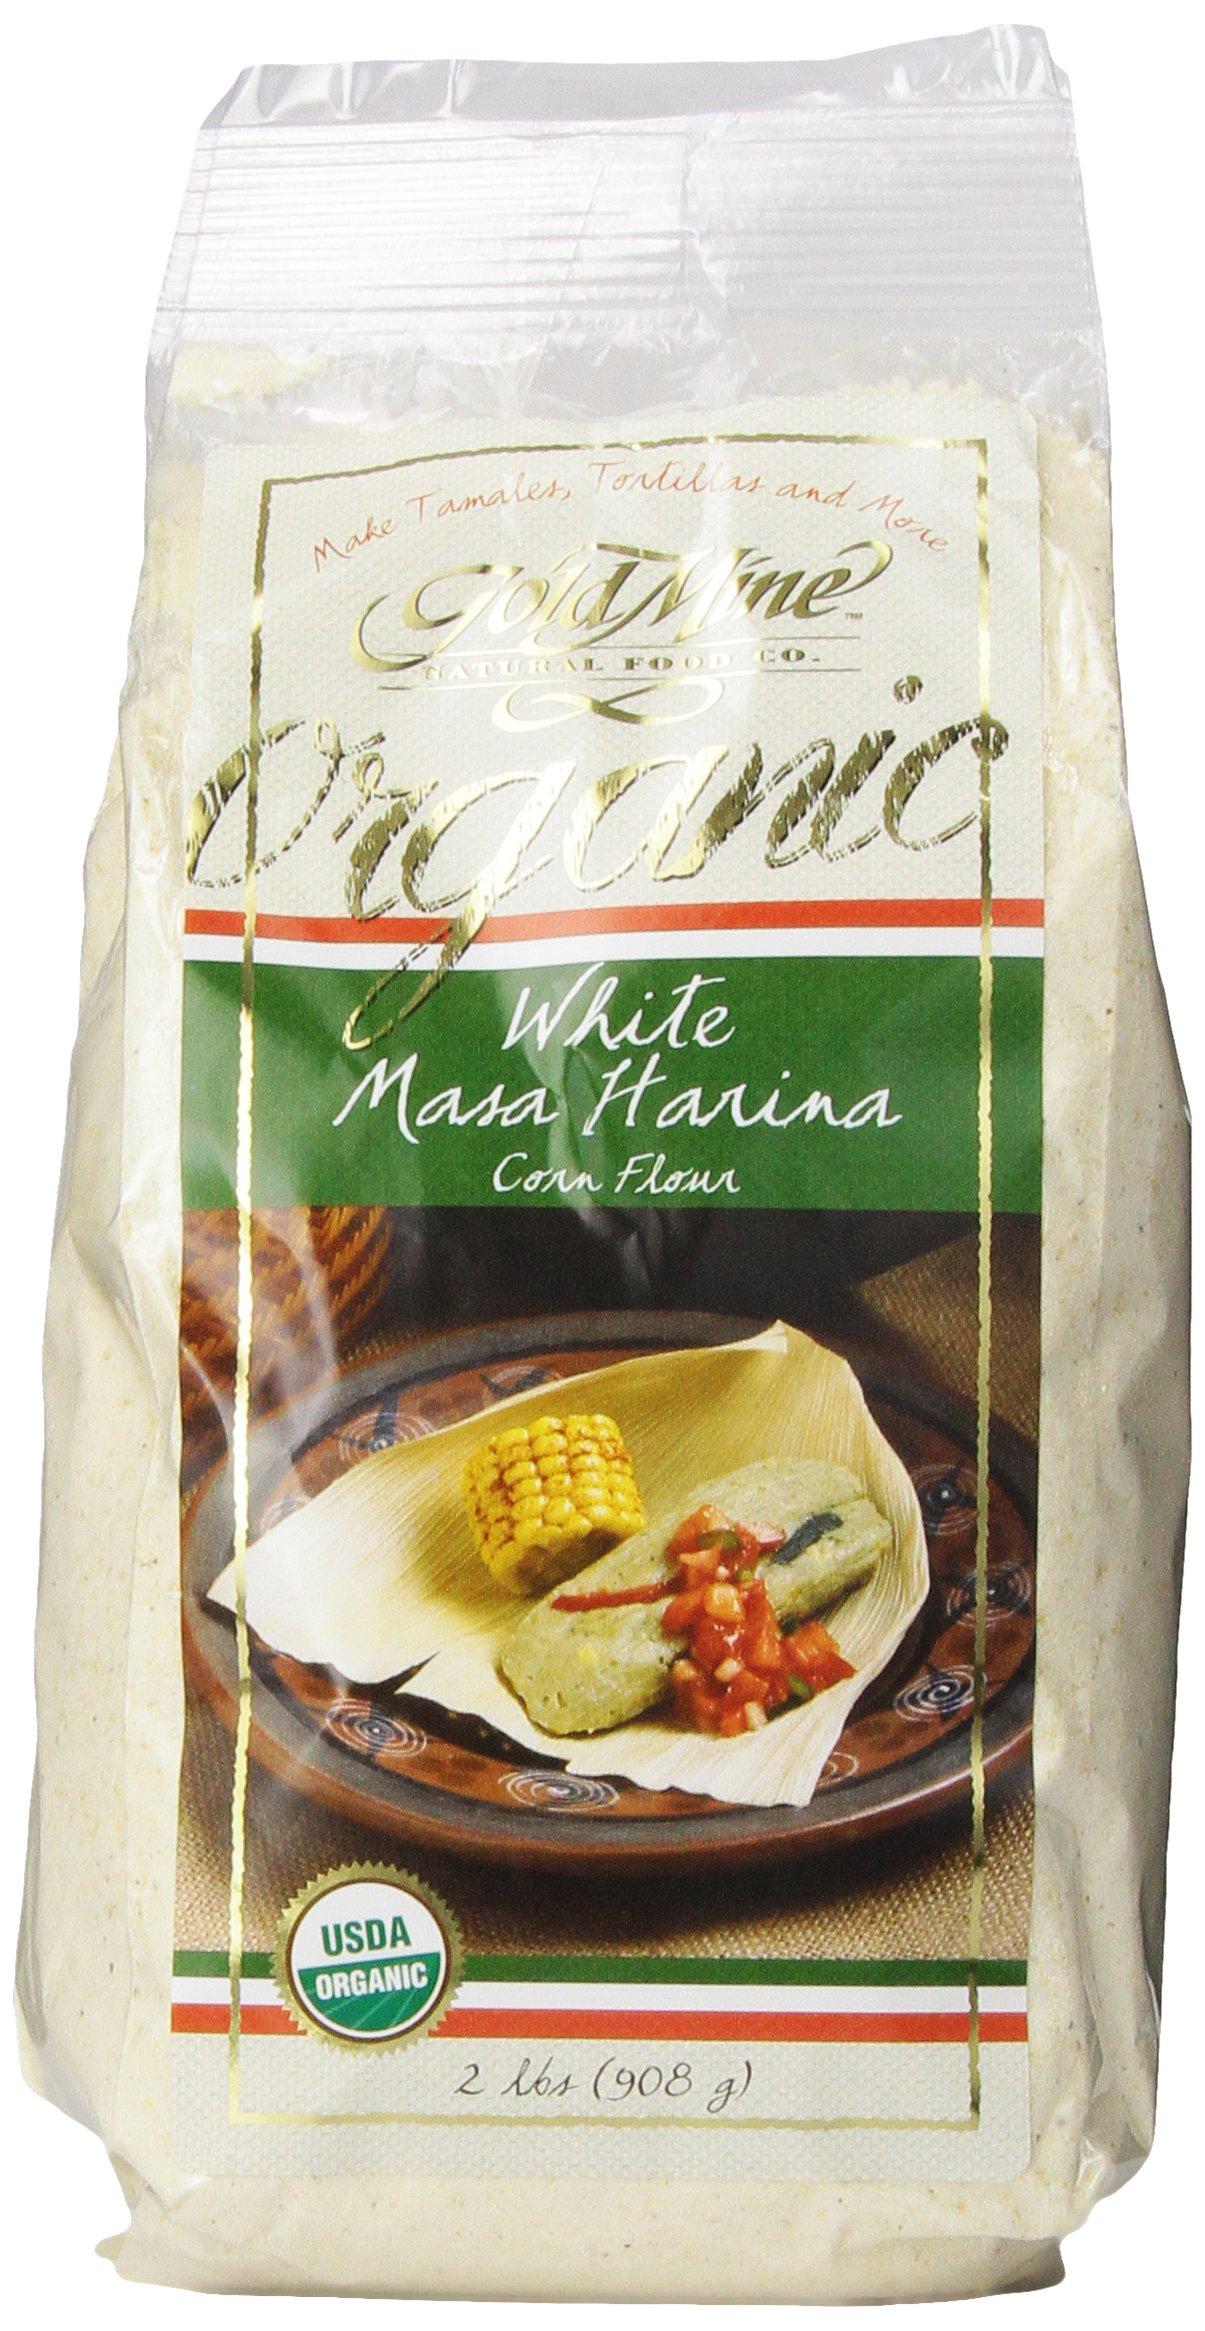 Gold Mine Organic Masa Harina Corn Flour, White, 2 Pound